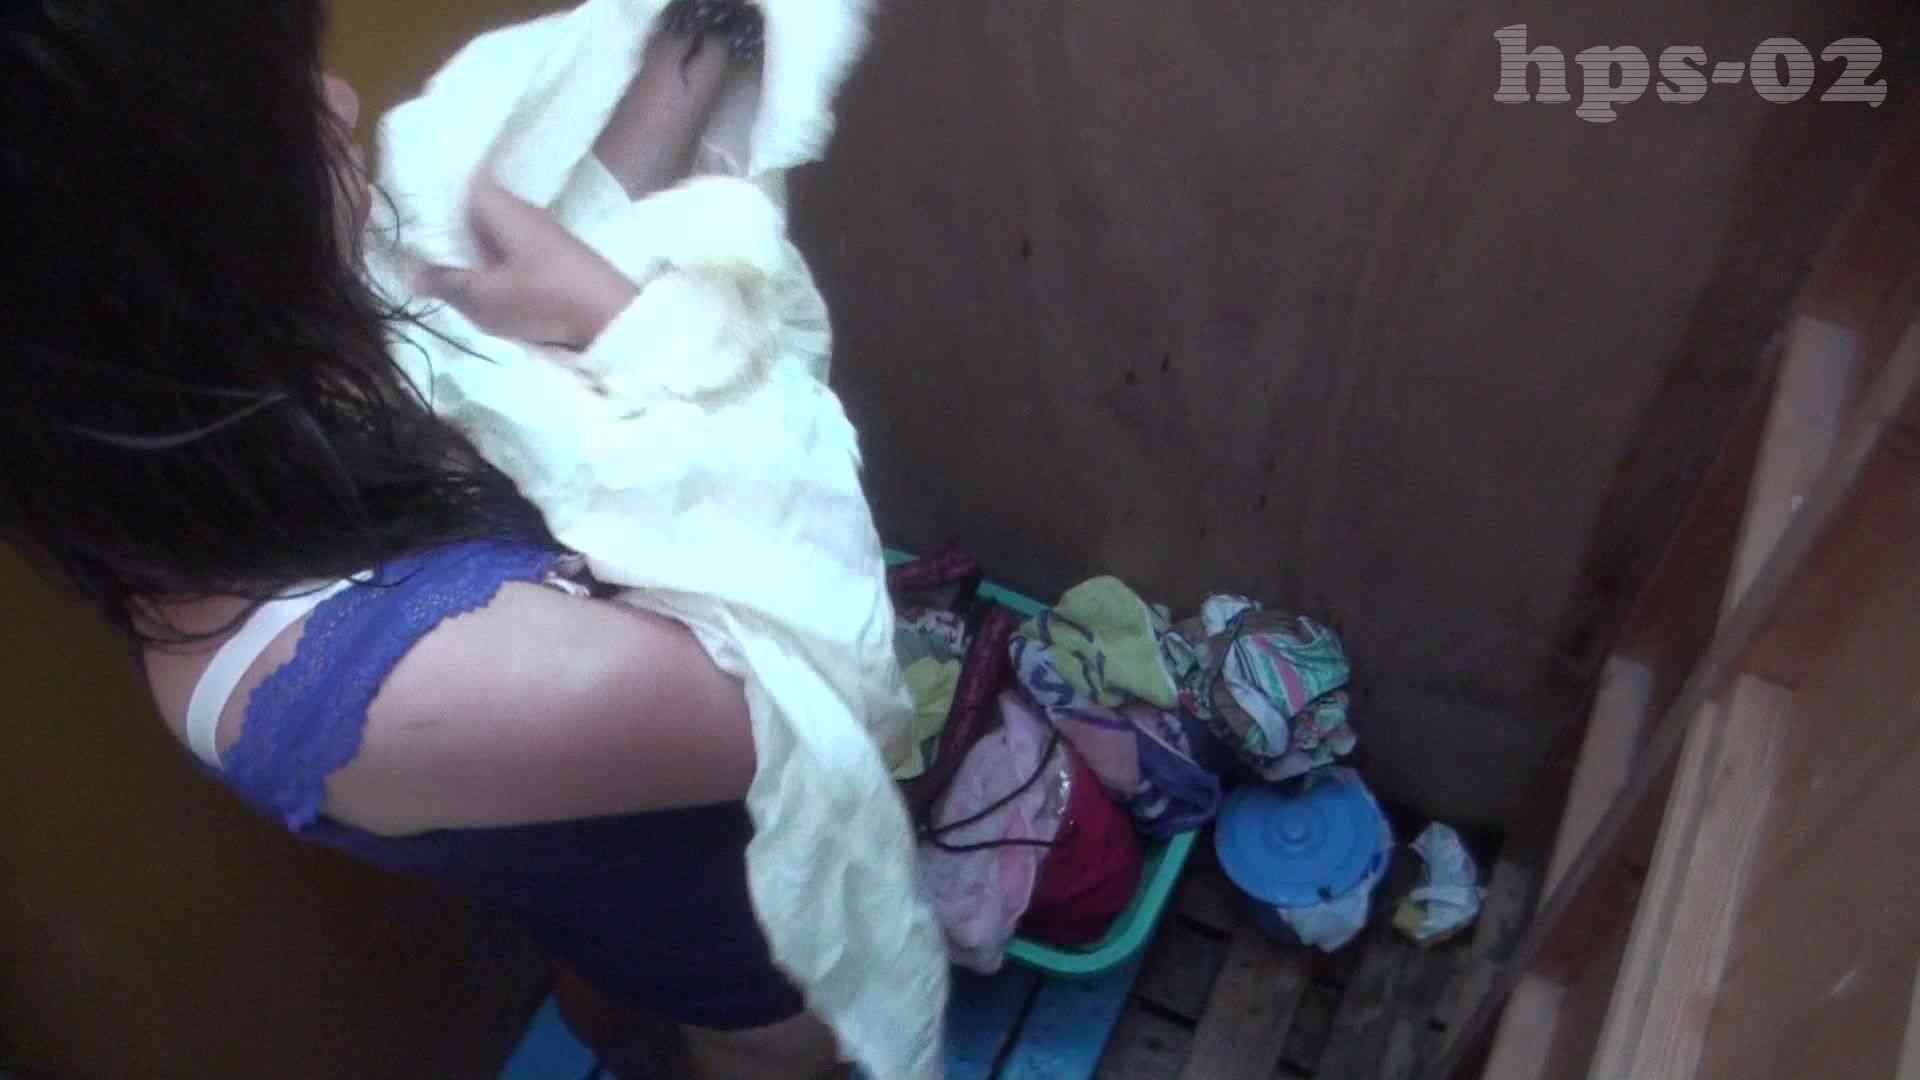 シャワールームは超!!危険な香りVol.2 カメラに目線をやるのですがまったく気が付きません。 シャワー | 高画質  53画像 46